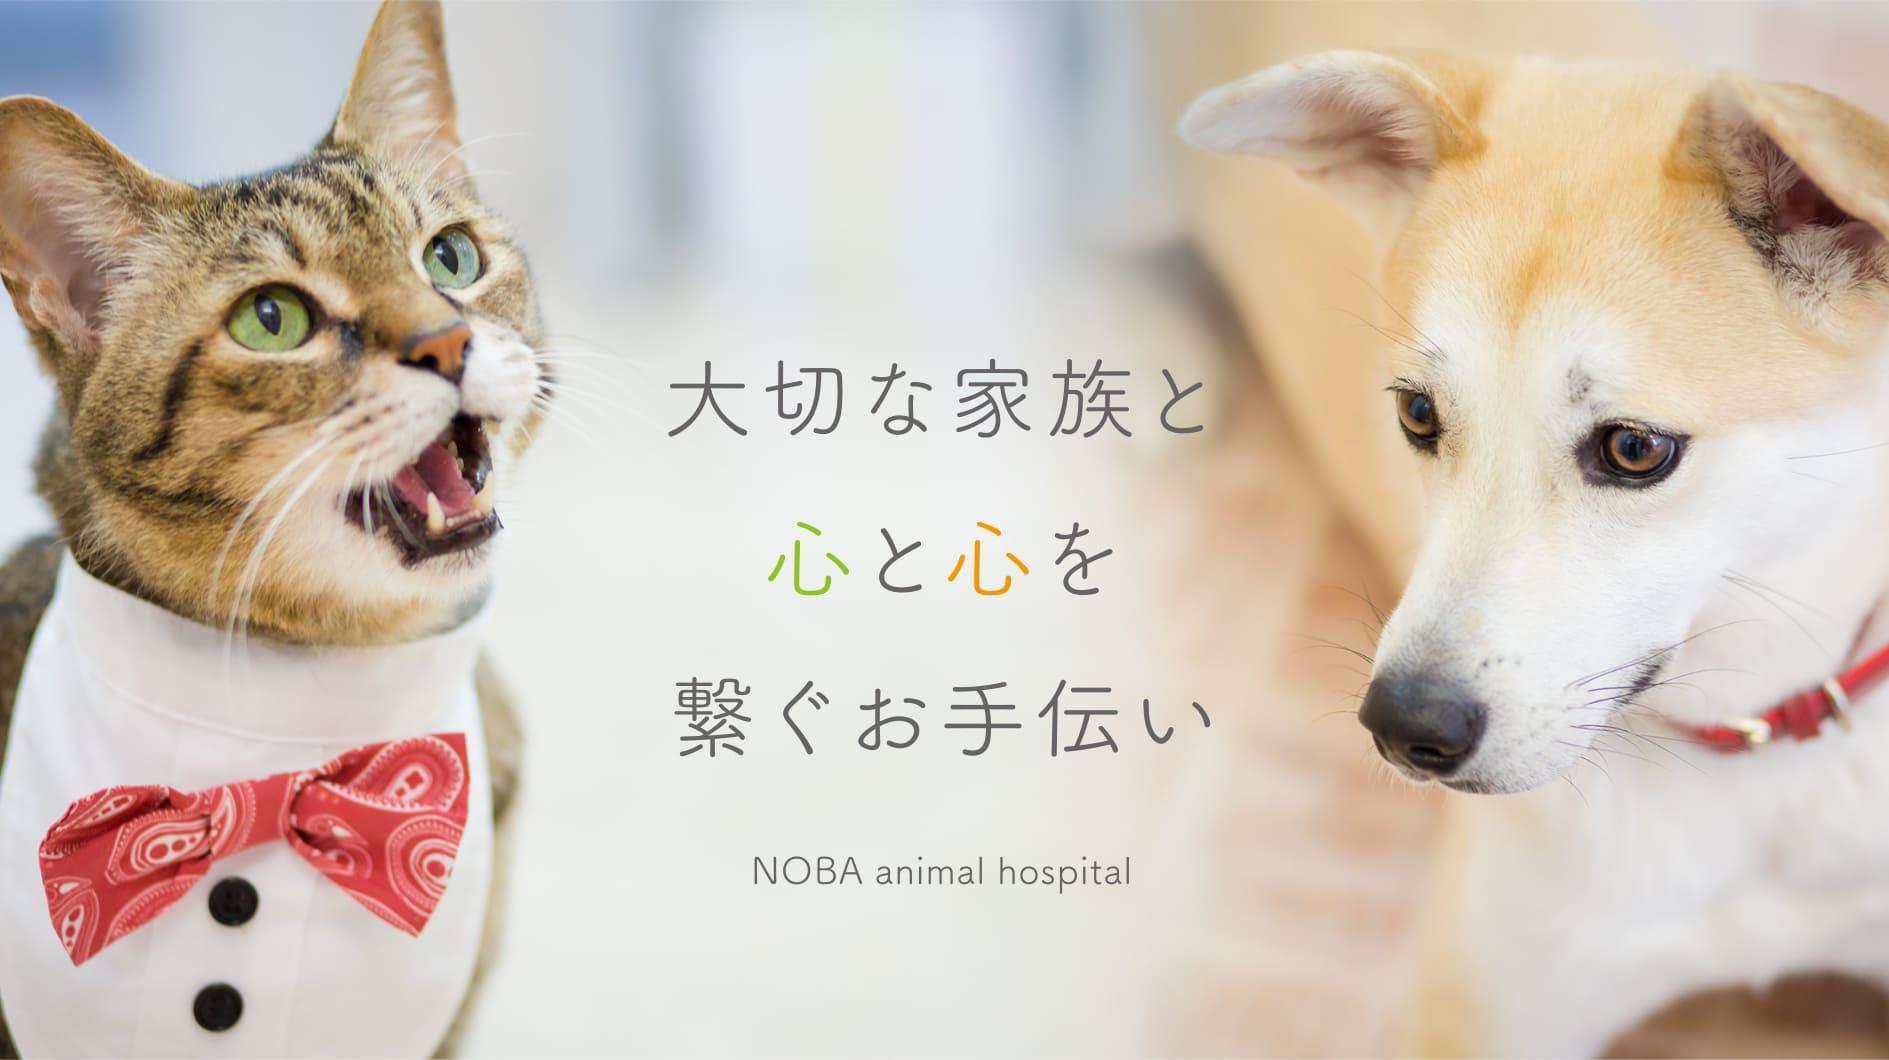 のば動物病院公式サイト リニューアル!